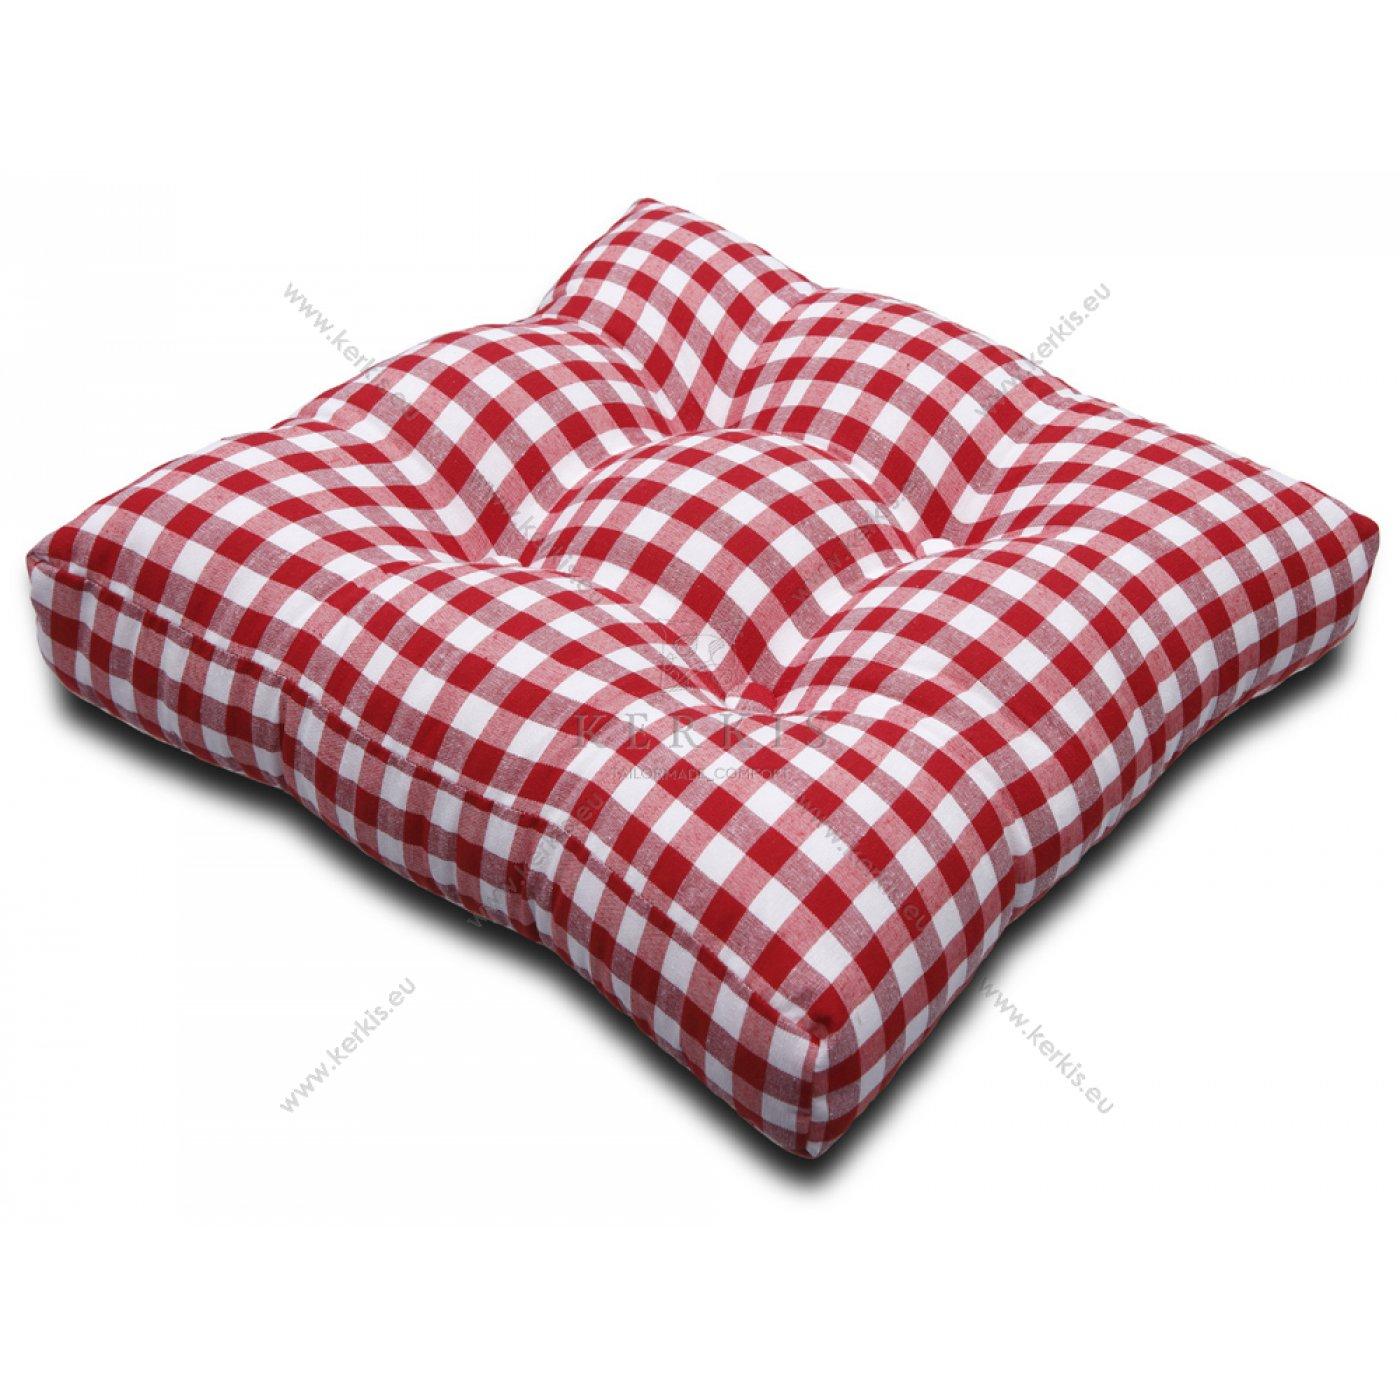 Μαξιλάρι με διακοσμητικά κουμπιά καρό κόκκινο